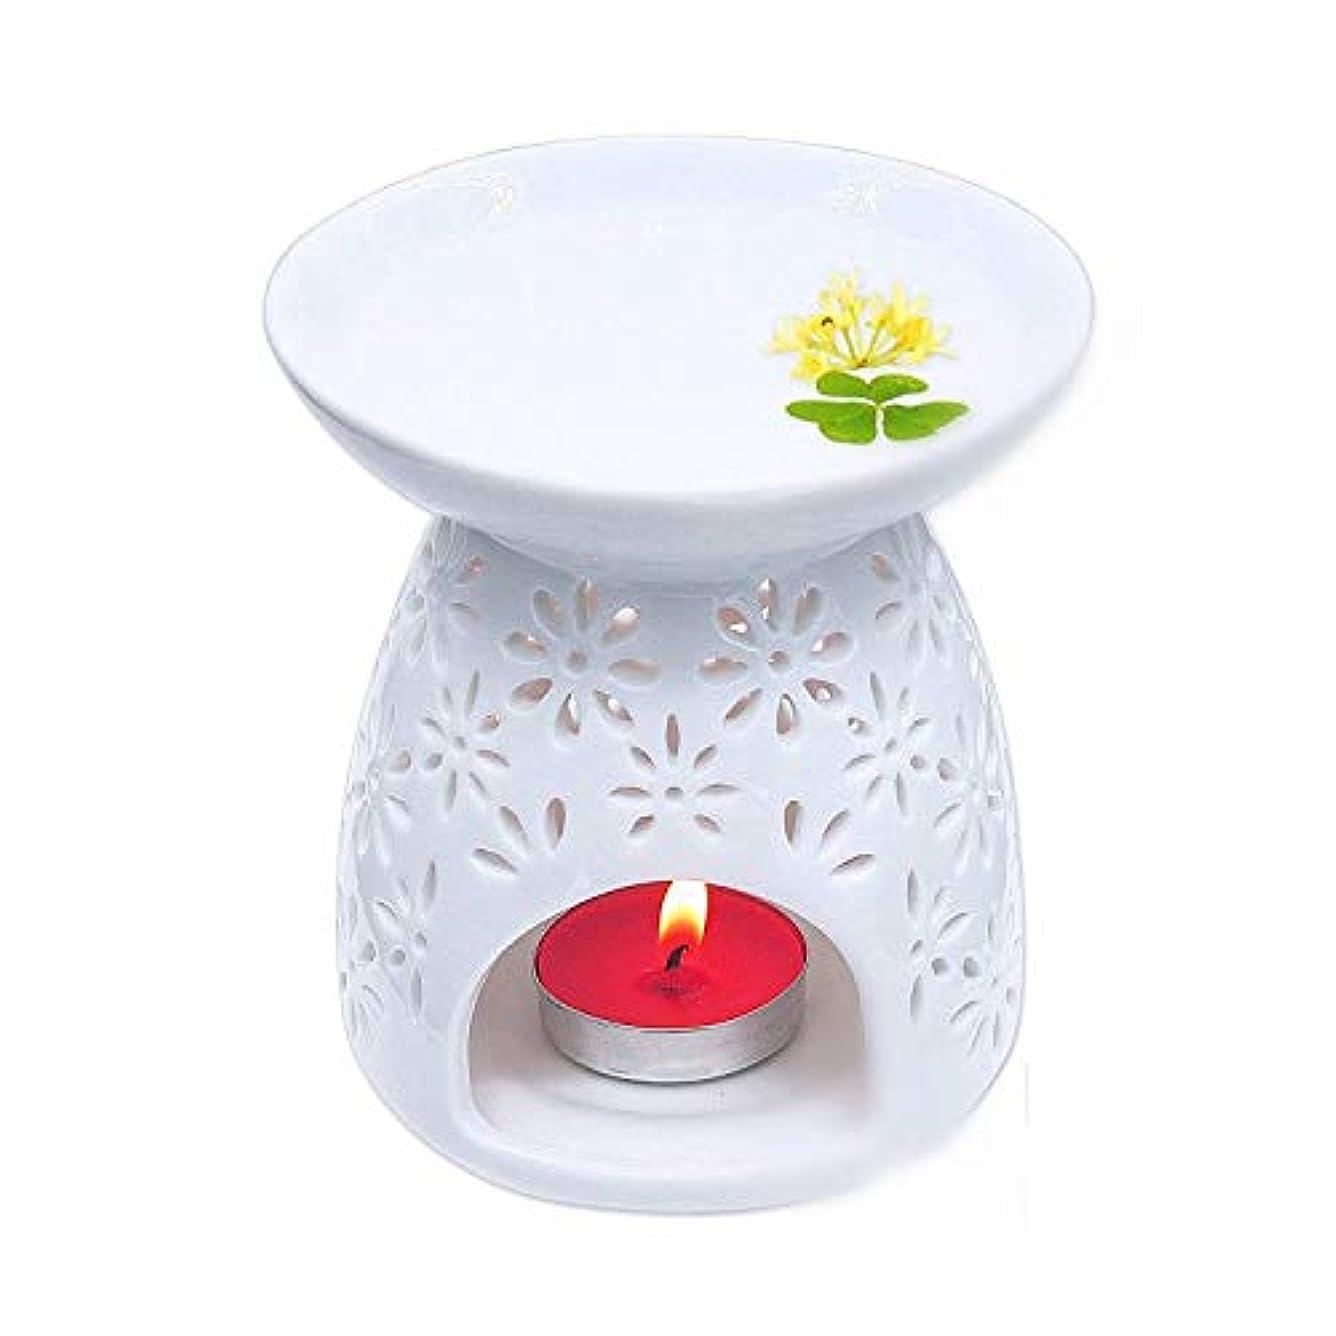 マトン資料メディックPursue 茶香炉 アロマ炉 香炉 陶器 精油 香炉置物 薫香 インテリア アロマディフューザー 中空の彫刻工 消臭と癒し おしゃれ